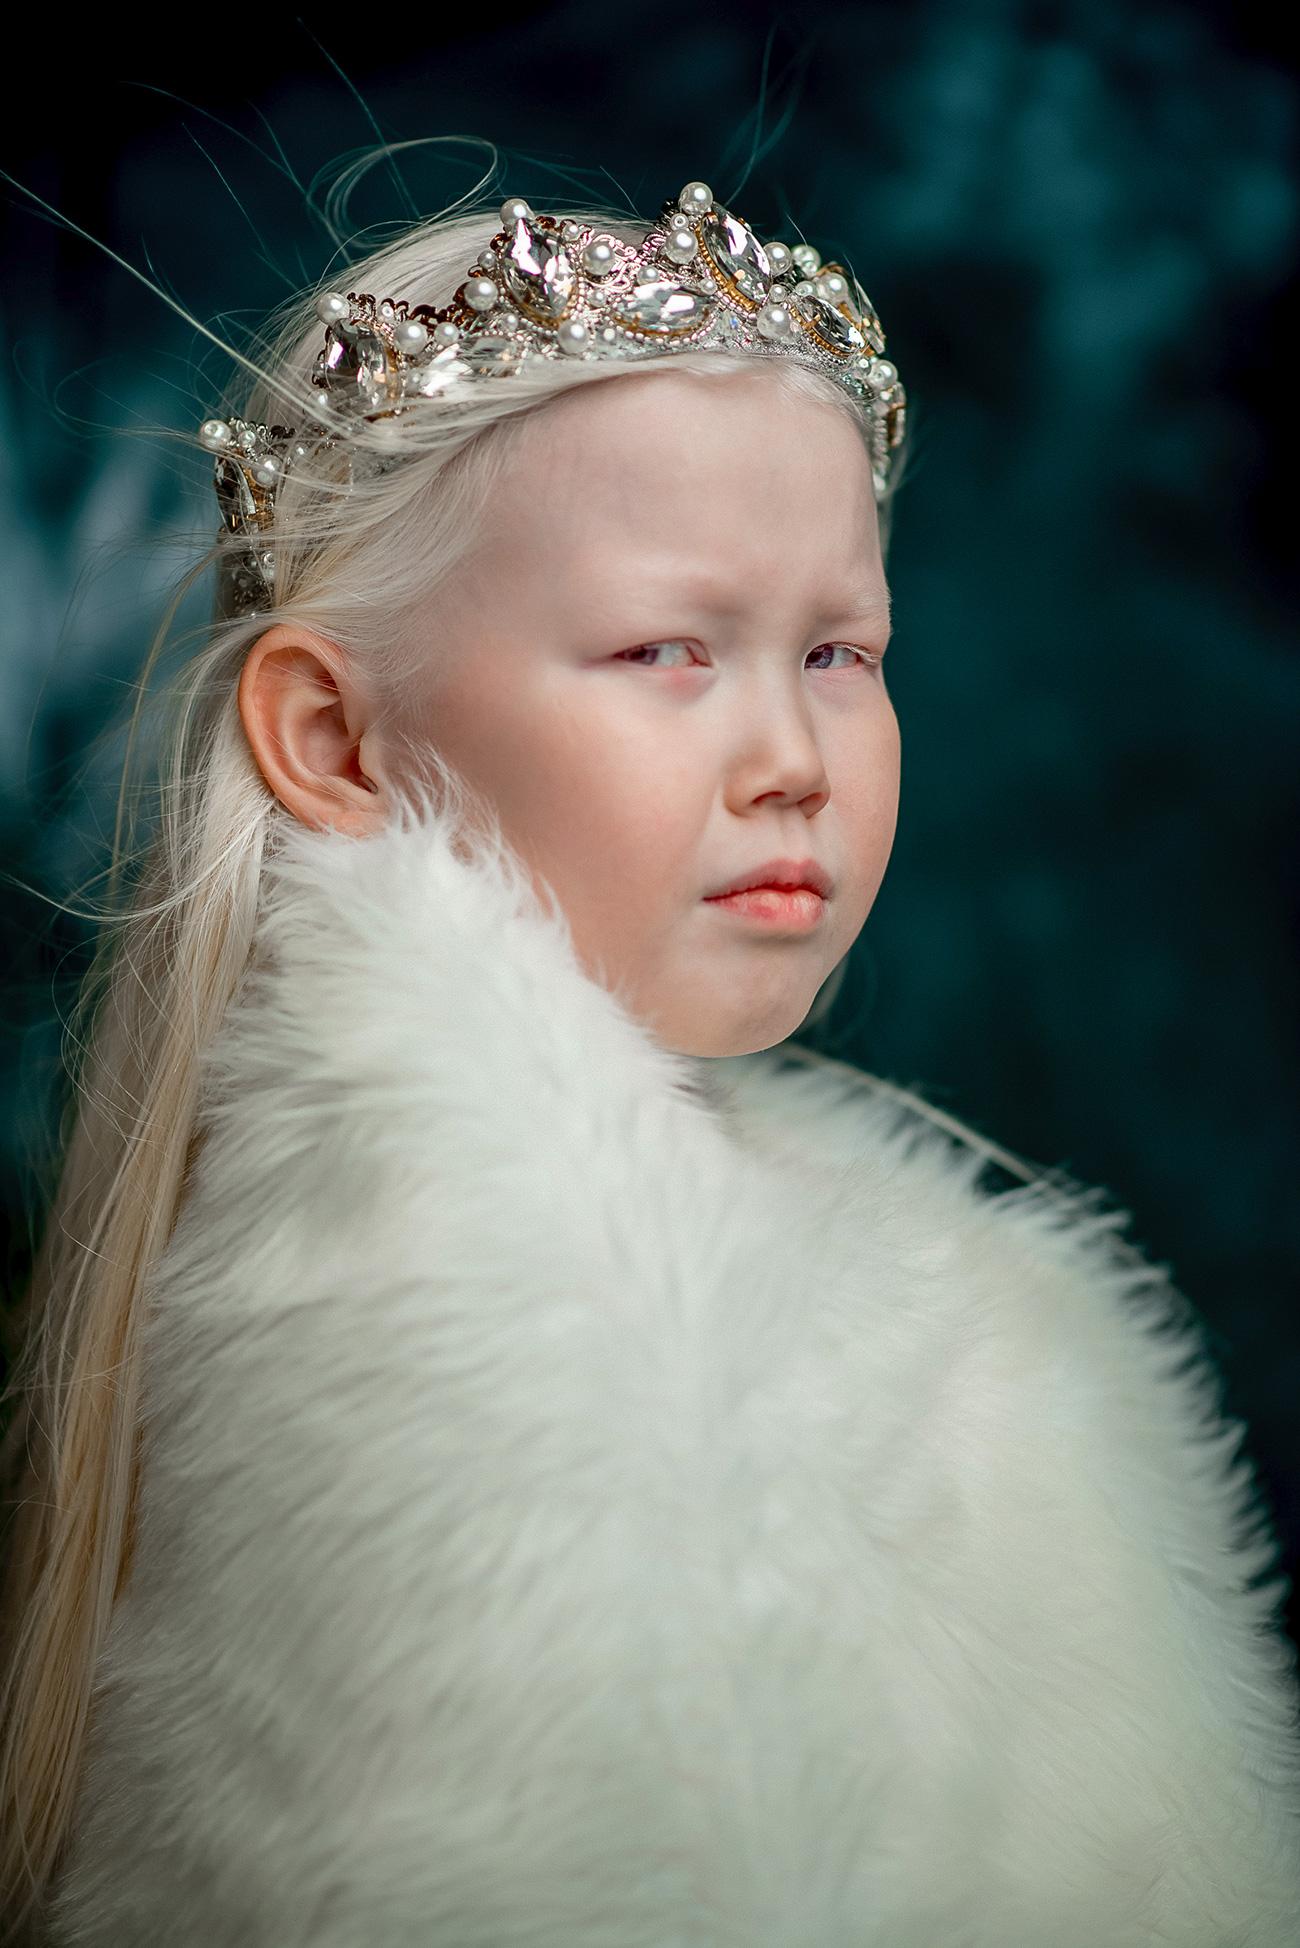 Нарјана е девојче албино. Таа има снежнобела коса, порцеланска кожа и кадифено сини очи. Нејзиниот надворешен изглед воопшто не е типичен за жителите на Јакутија, каде повеќето жени се со кафеави очи и црна коса.